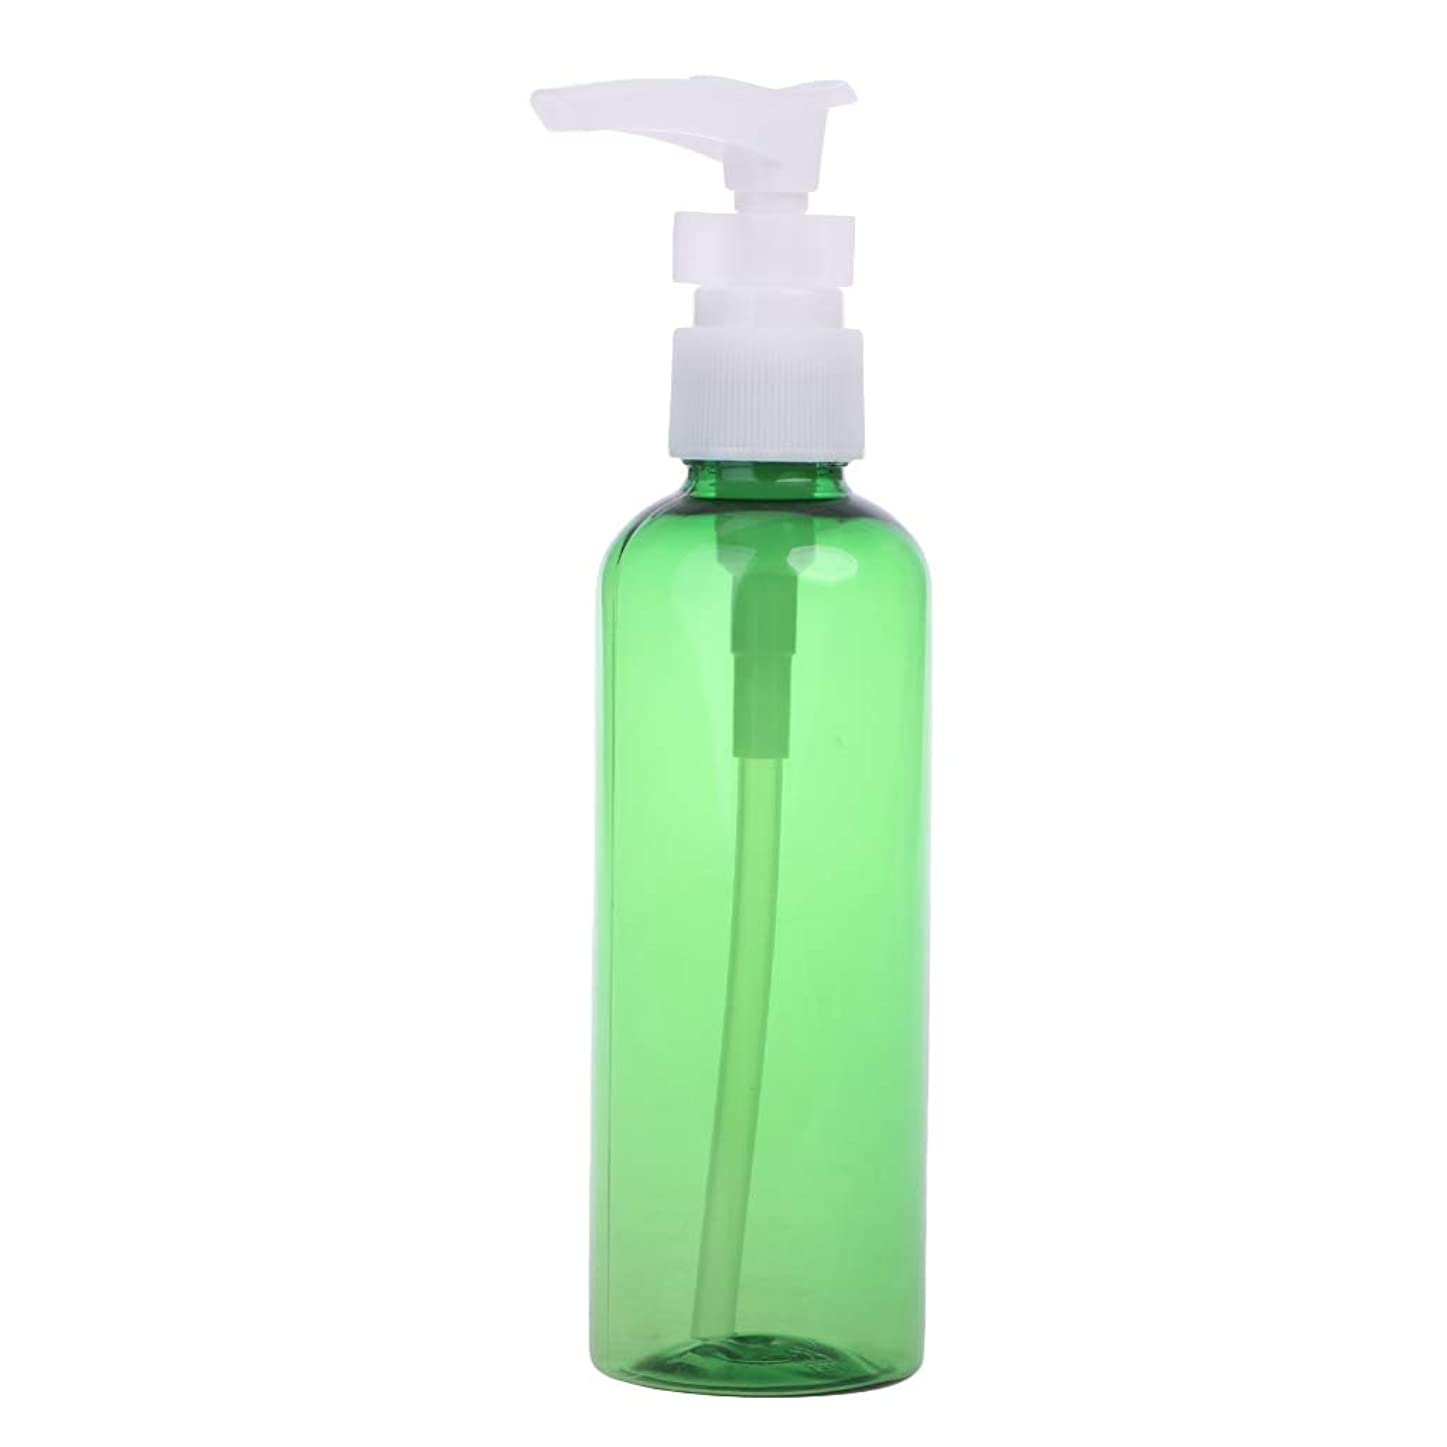 ペフ波紋冒険者Dabixx 1ピース30ミリリットル - 100ミリリットル石鹸シャンプーローション泡水プラスチックプレスポンプスプレーボトル - 深緑 - 100ML